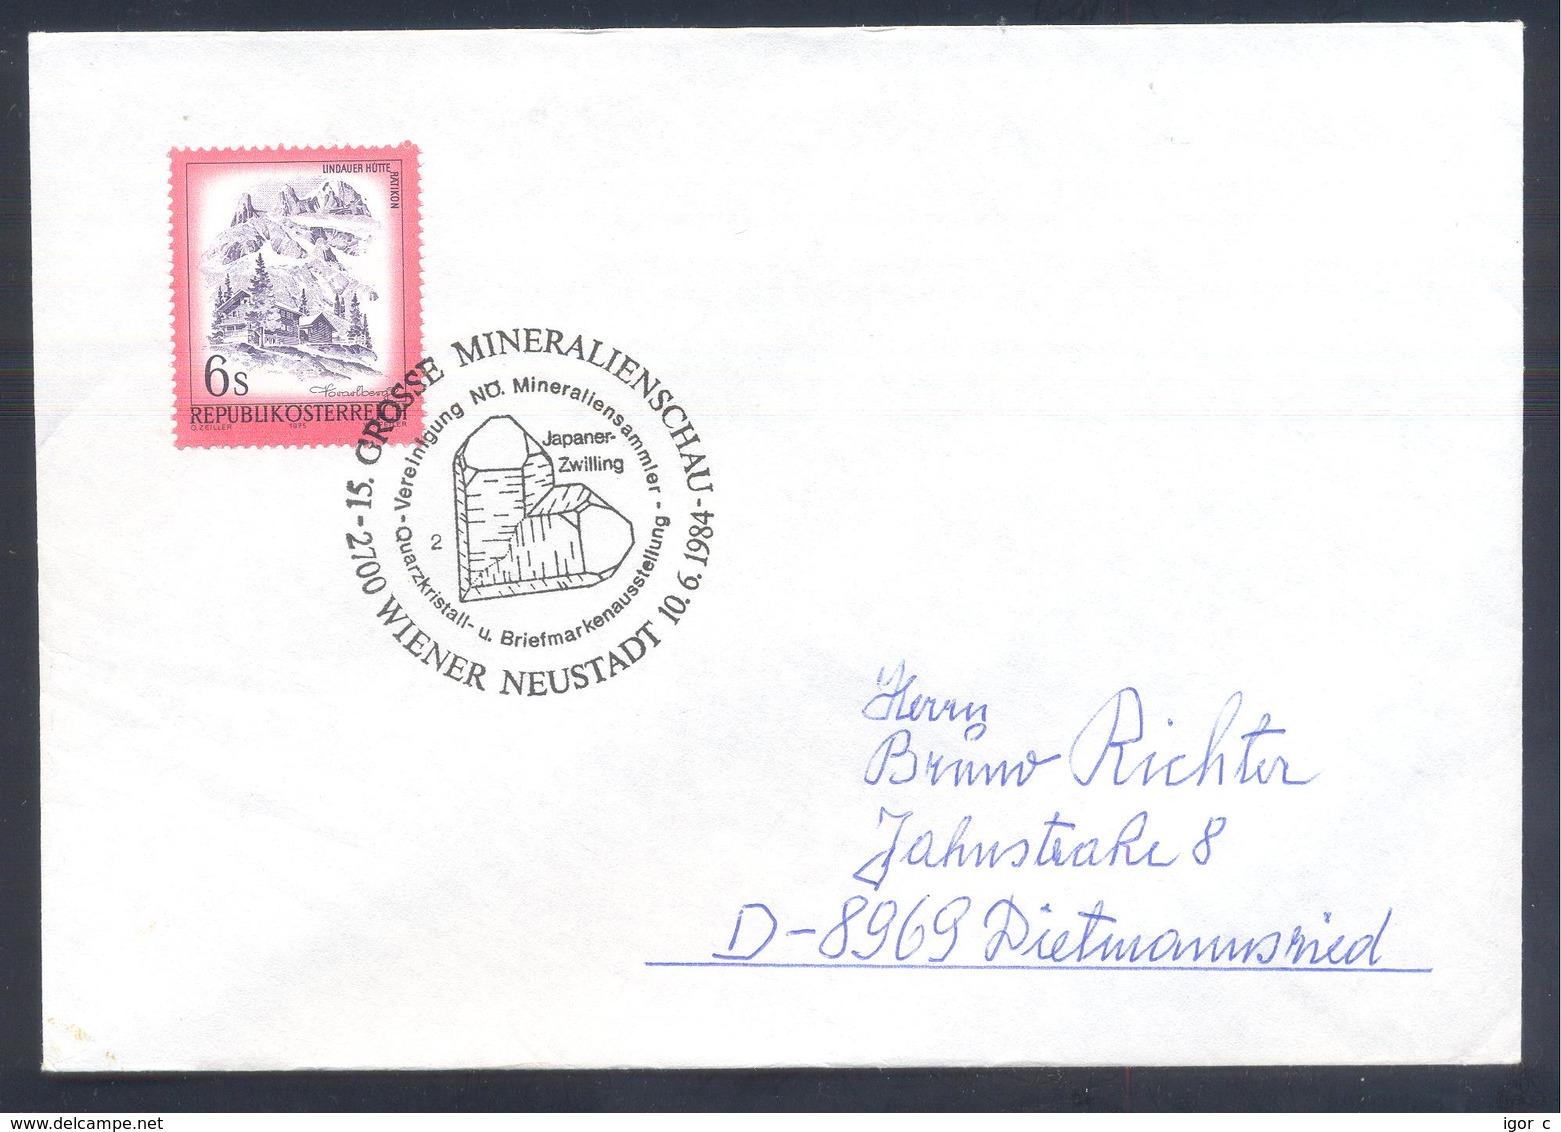 Austria 1986 Cover: Minerals Mineralien Mineraux;; Fossils Fossilien; Mineralien Schau Wiener Neustadt; Japaner Zwilling - Mineralien